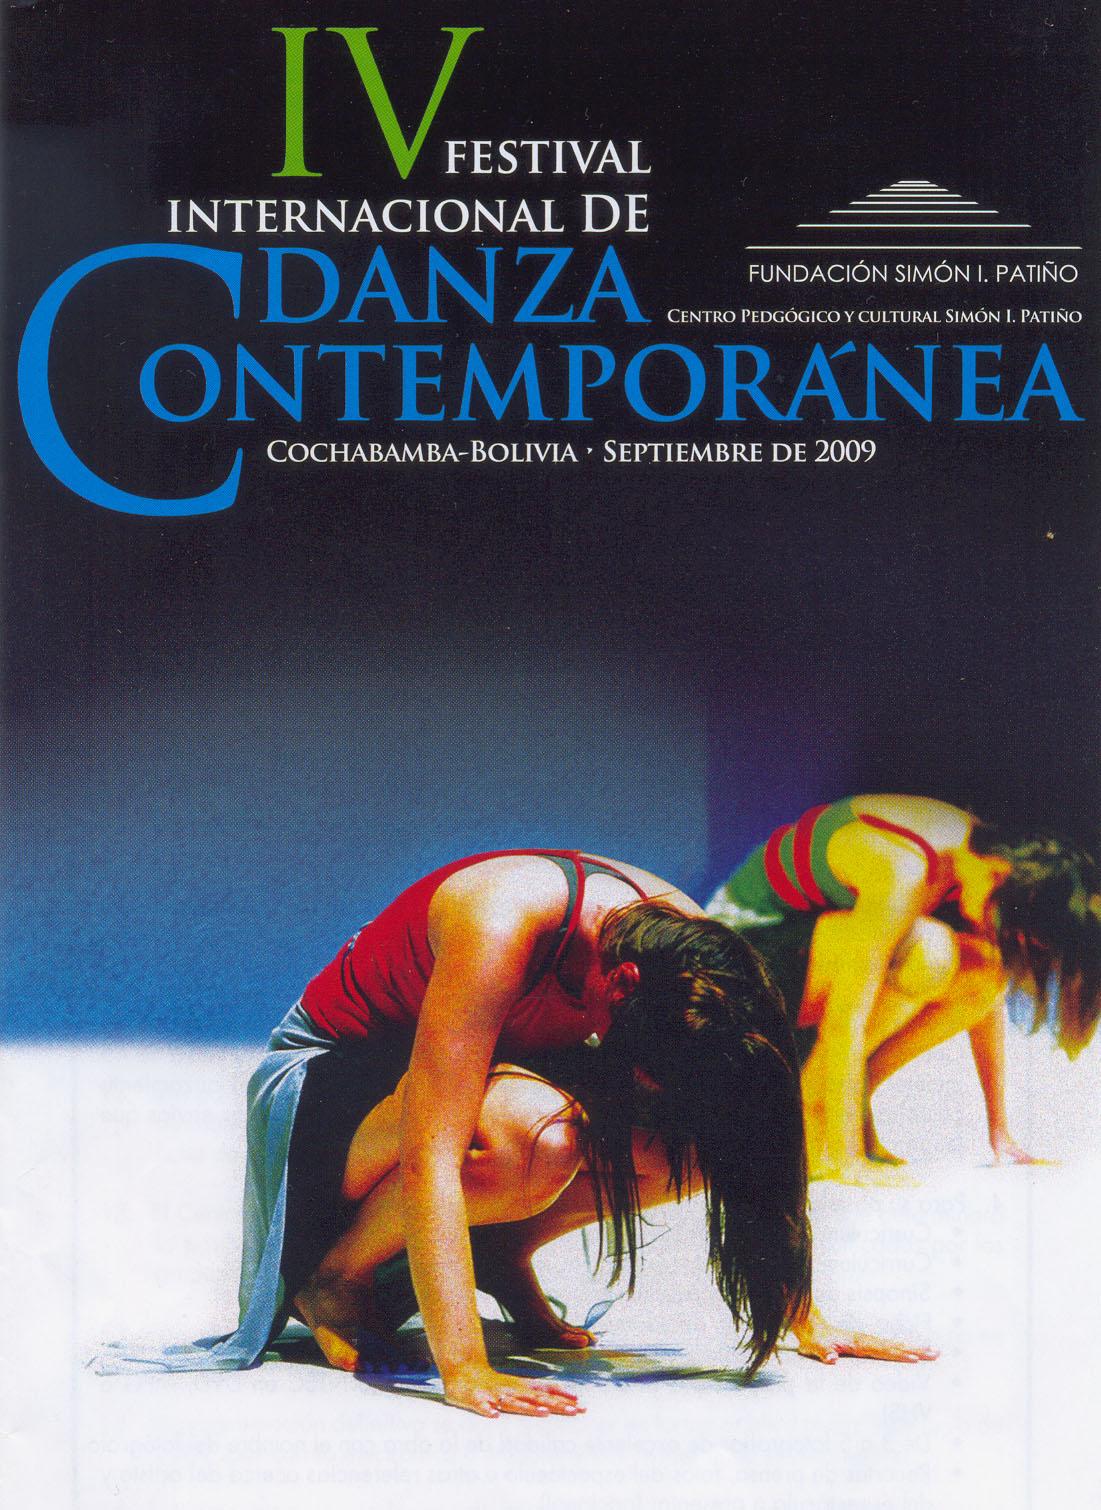 FESTIVAL INTERNACIONAL BOLIVIA